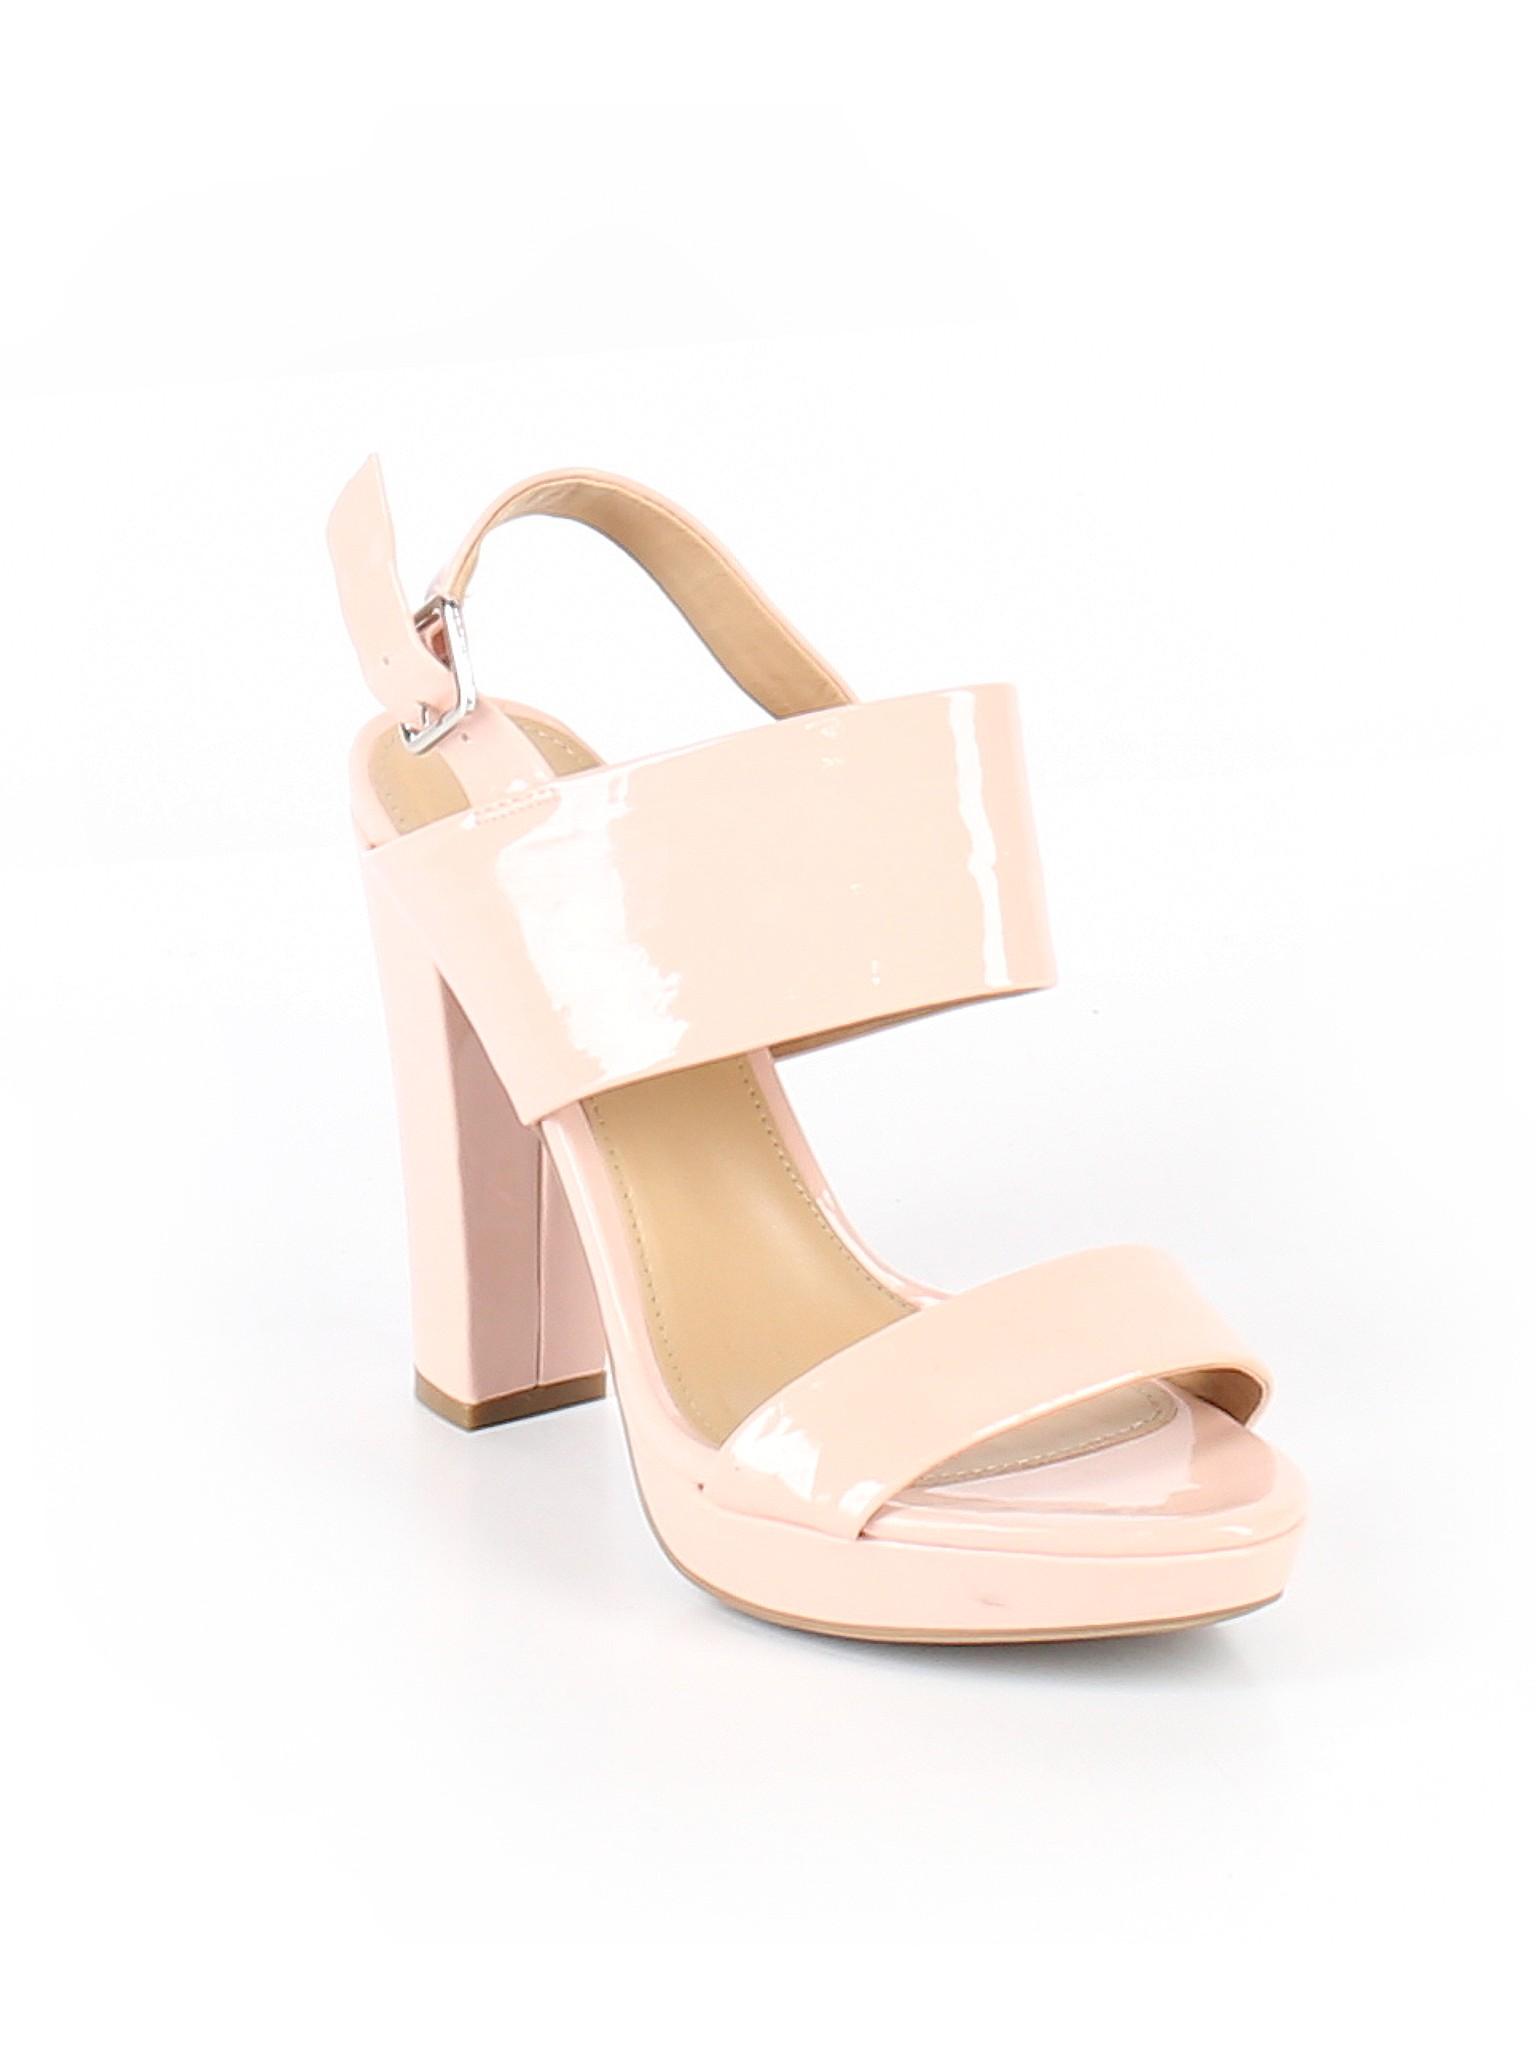 Heels REPORT promotion promotion Boutique Boutique Boutique Heels REPORT promotion angx8qBw